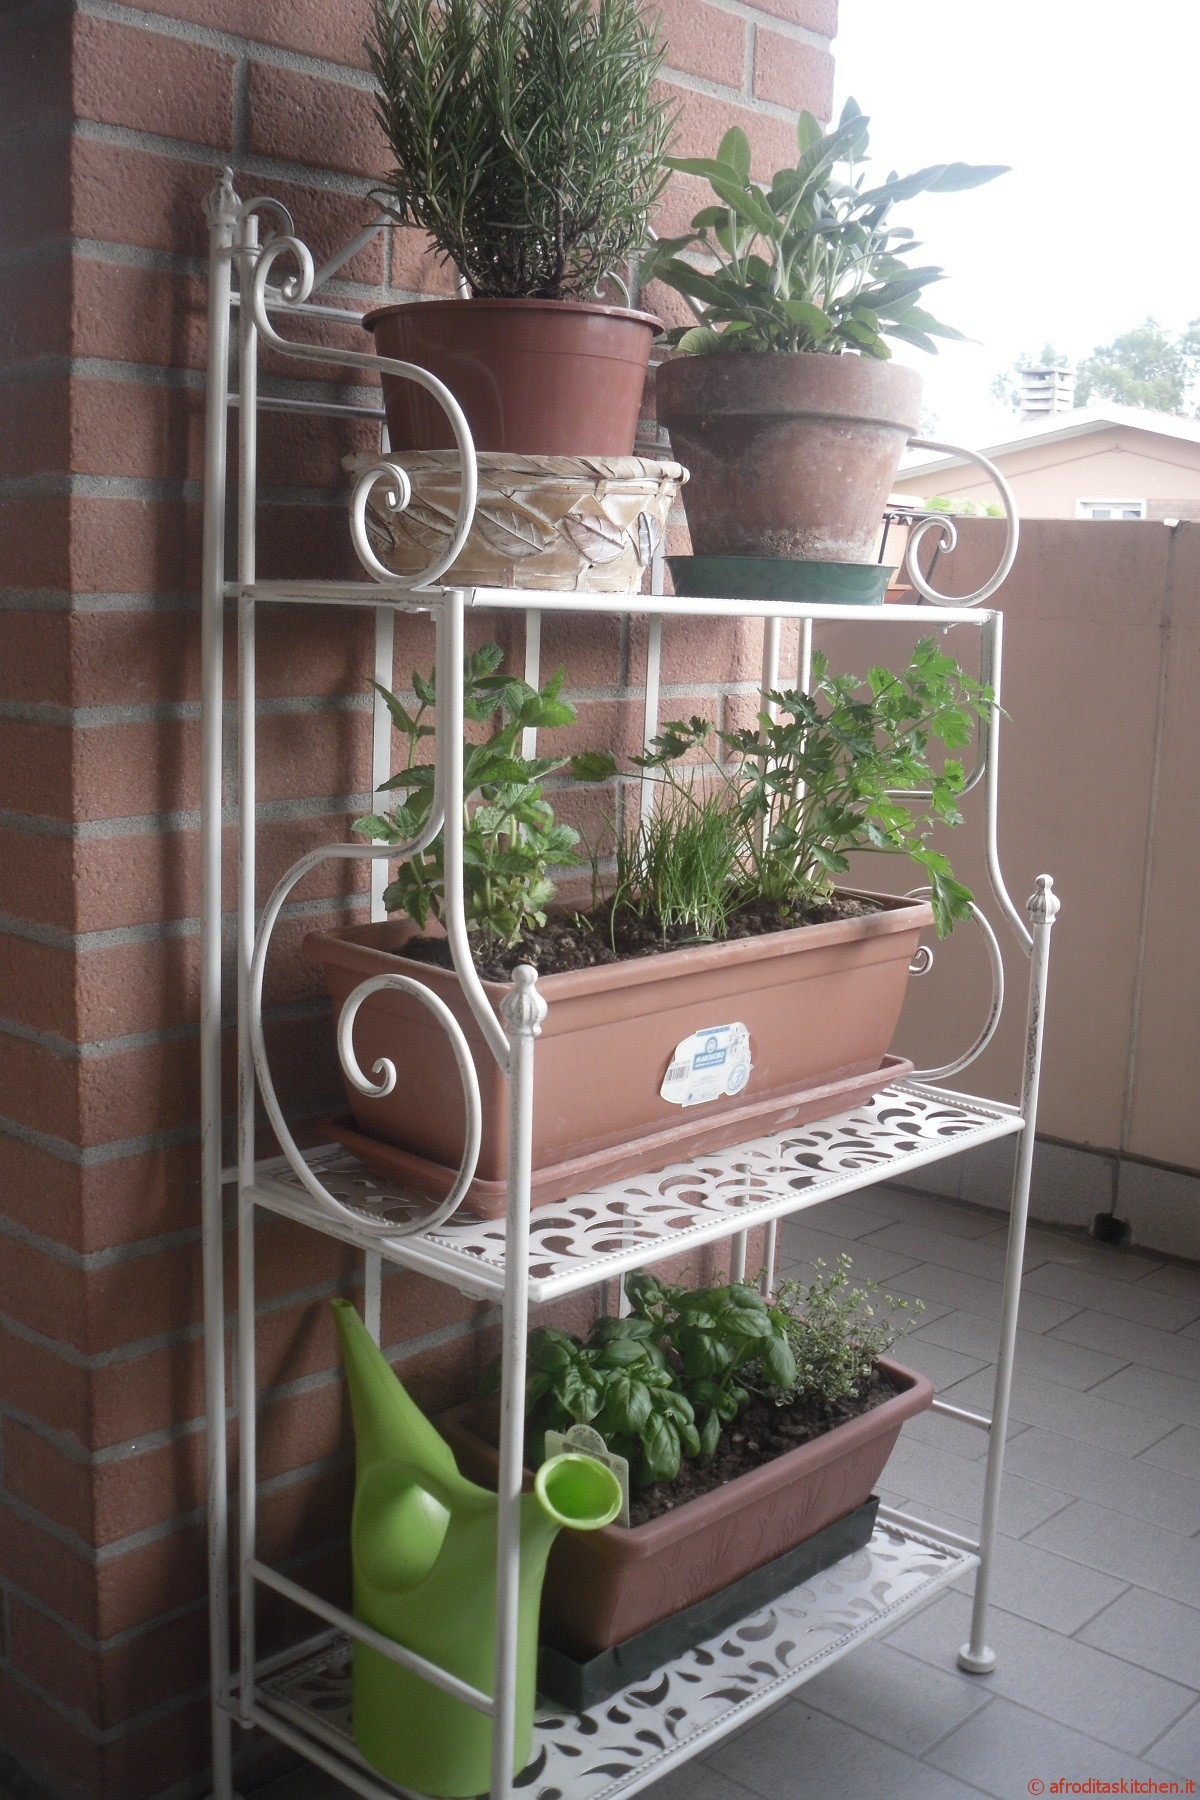 Le piante aromatiche come coltivarle sul balcone - Cucina sul balcone ...